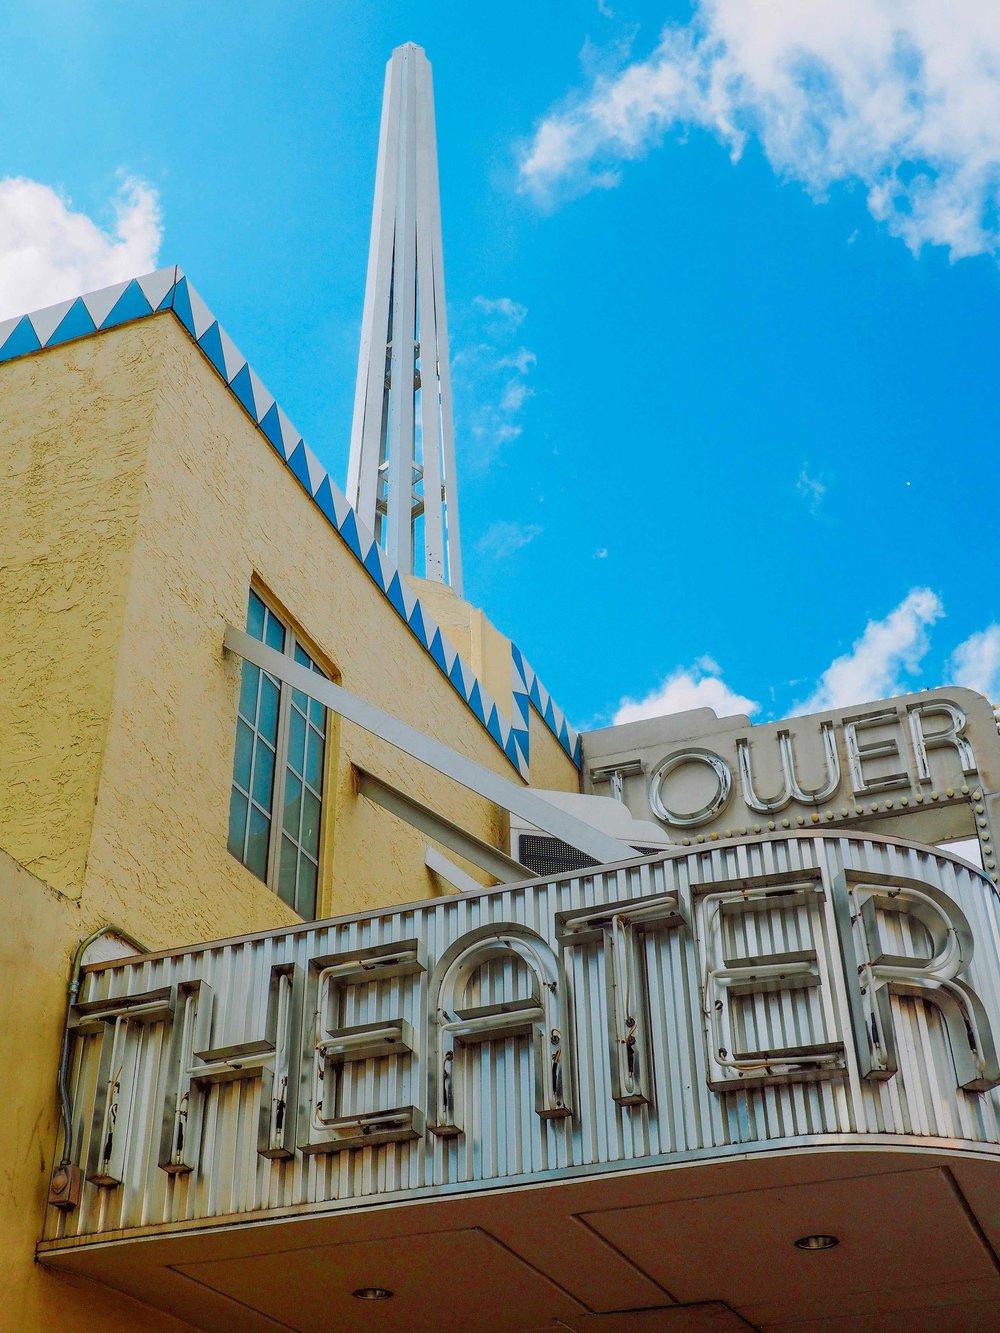 Tower Theater, Little Havana, Miami, FL.